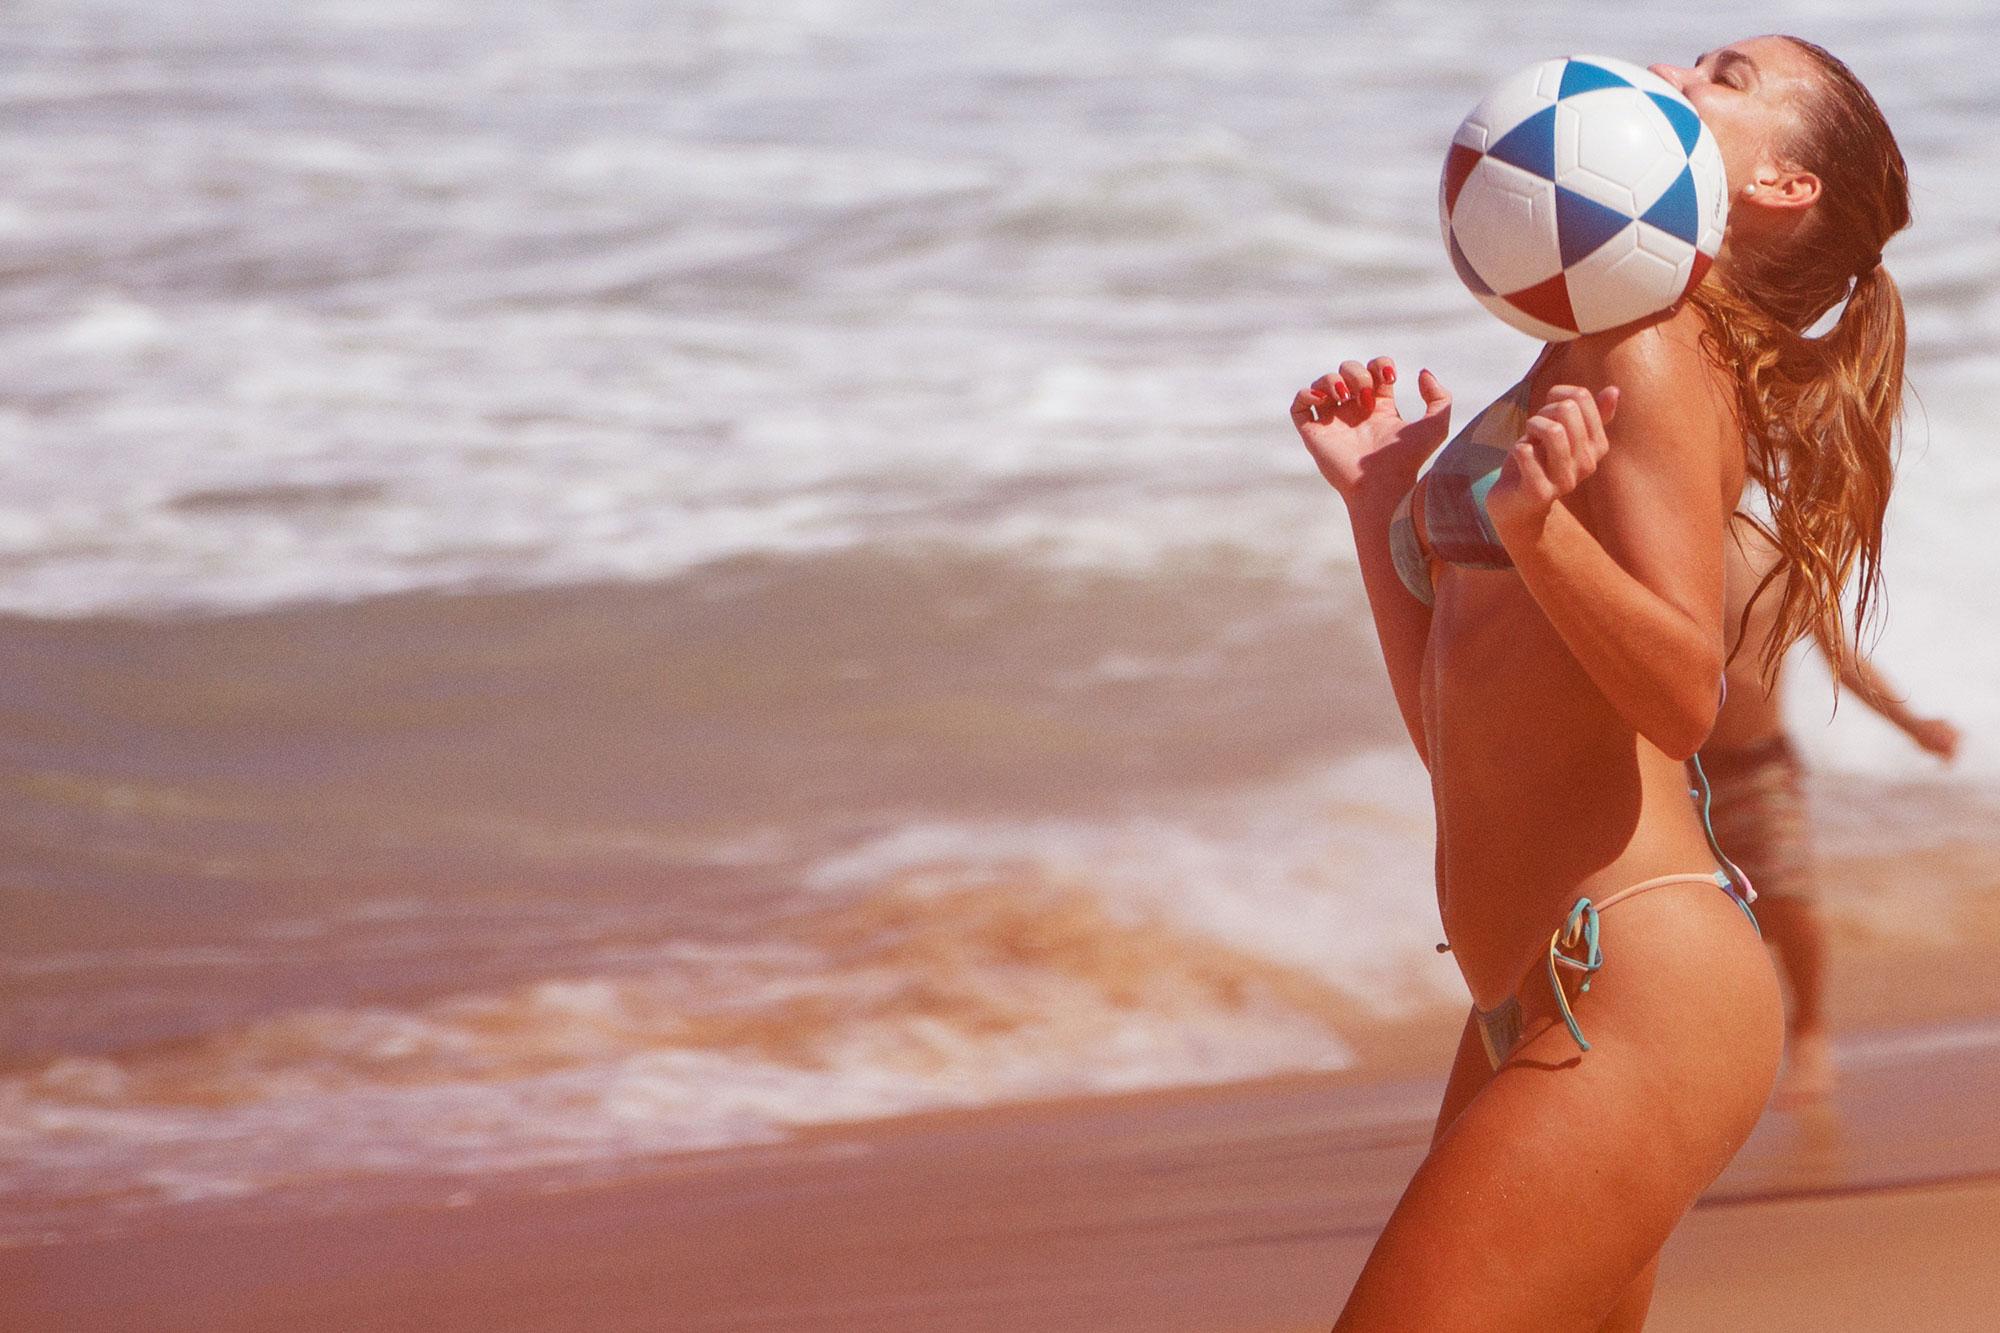 girls from ipanema beach